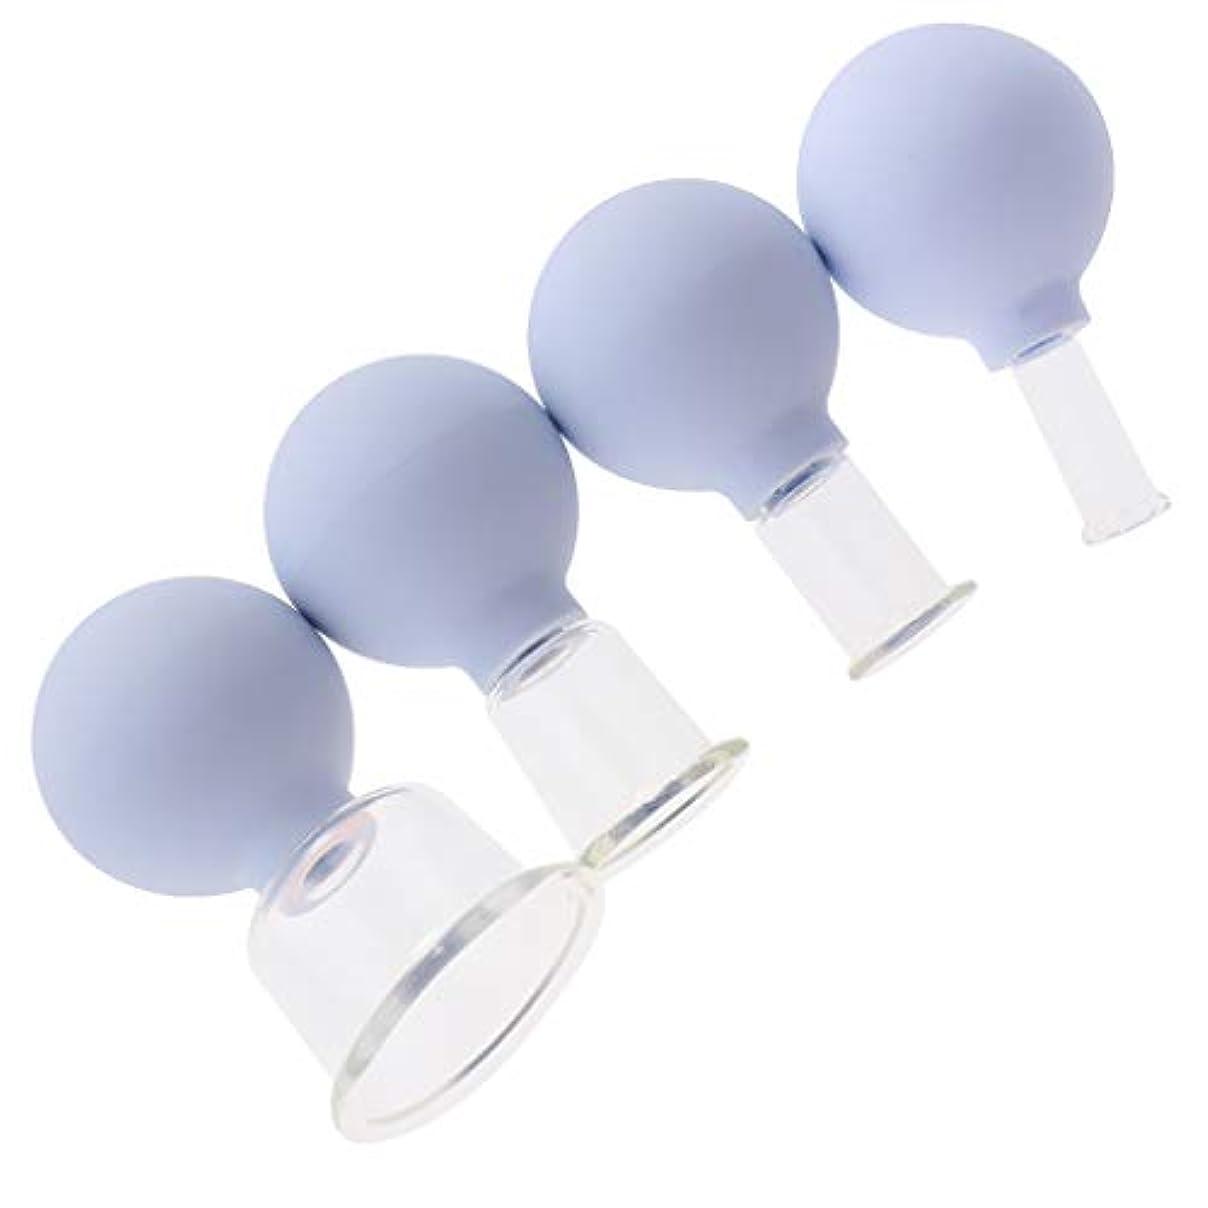 カブ更新奪うD DOLITY マッサージカップ 吸い玉 カッピングセット ガラスカッピング 真空 男女兼用 ギフト 4個 全3色 - 白